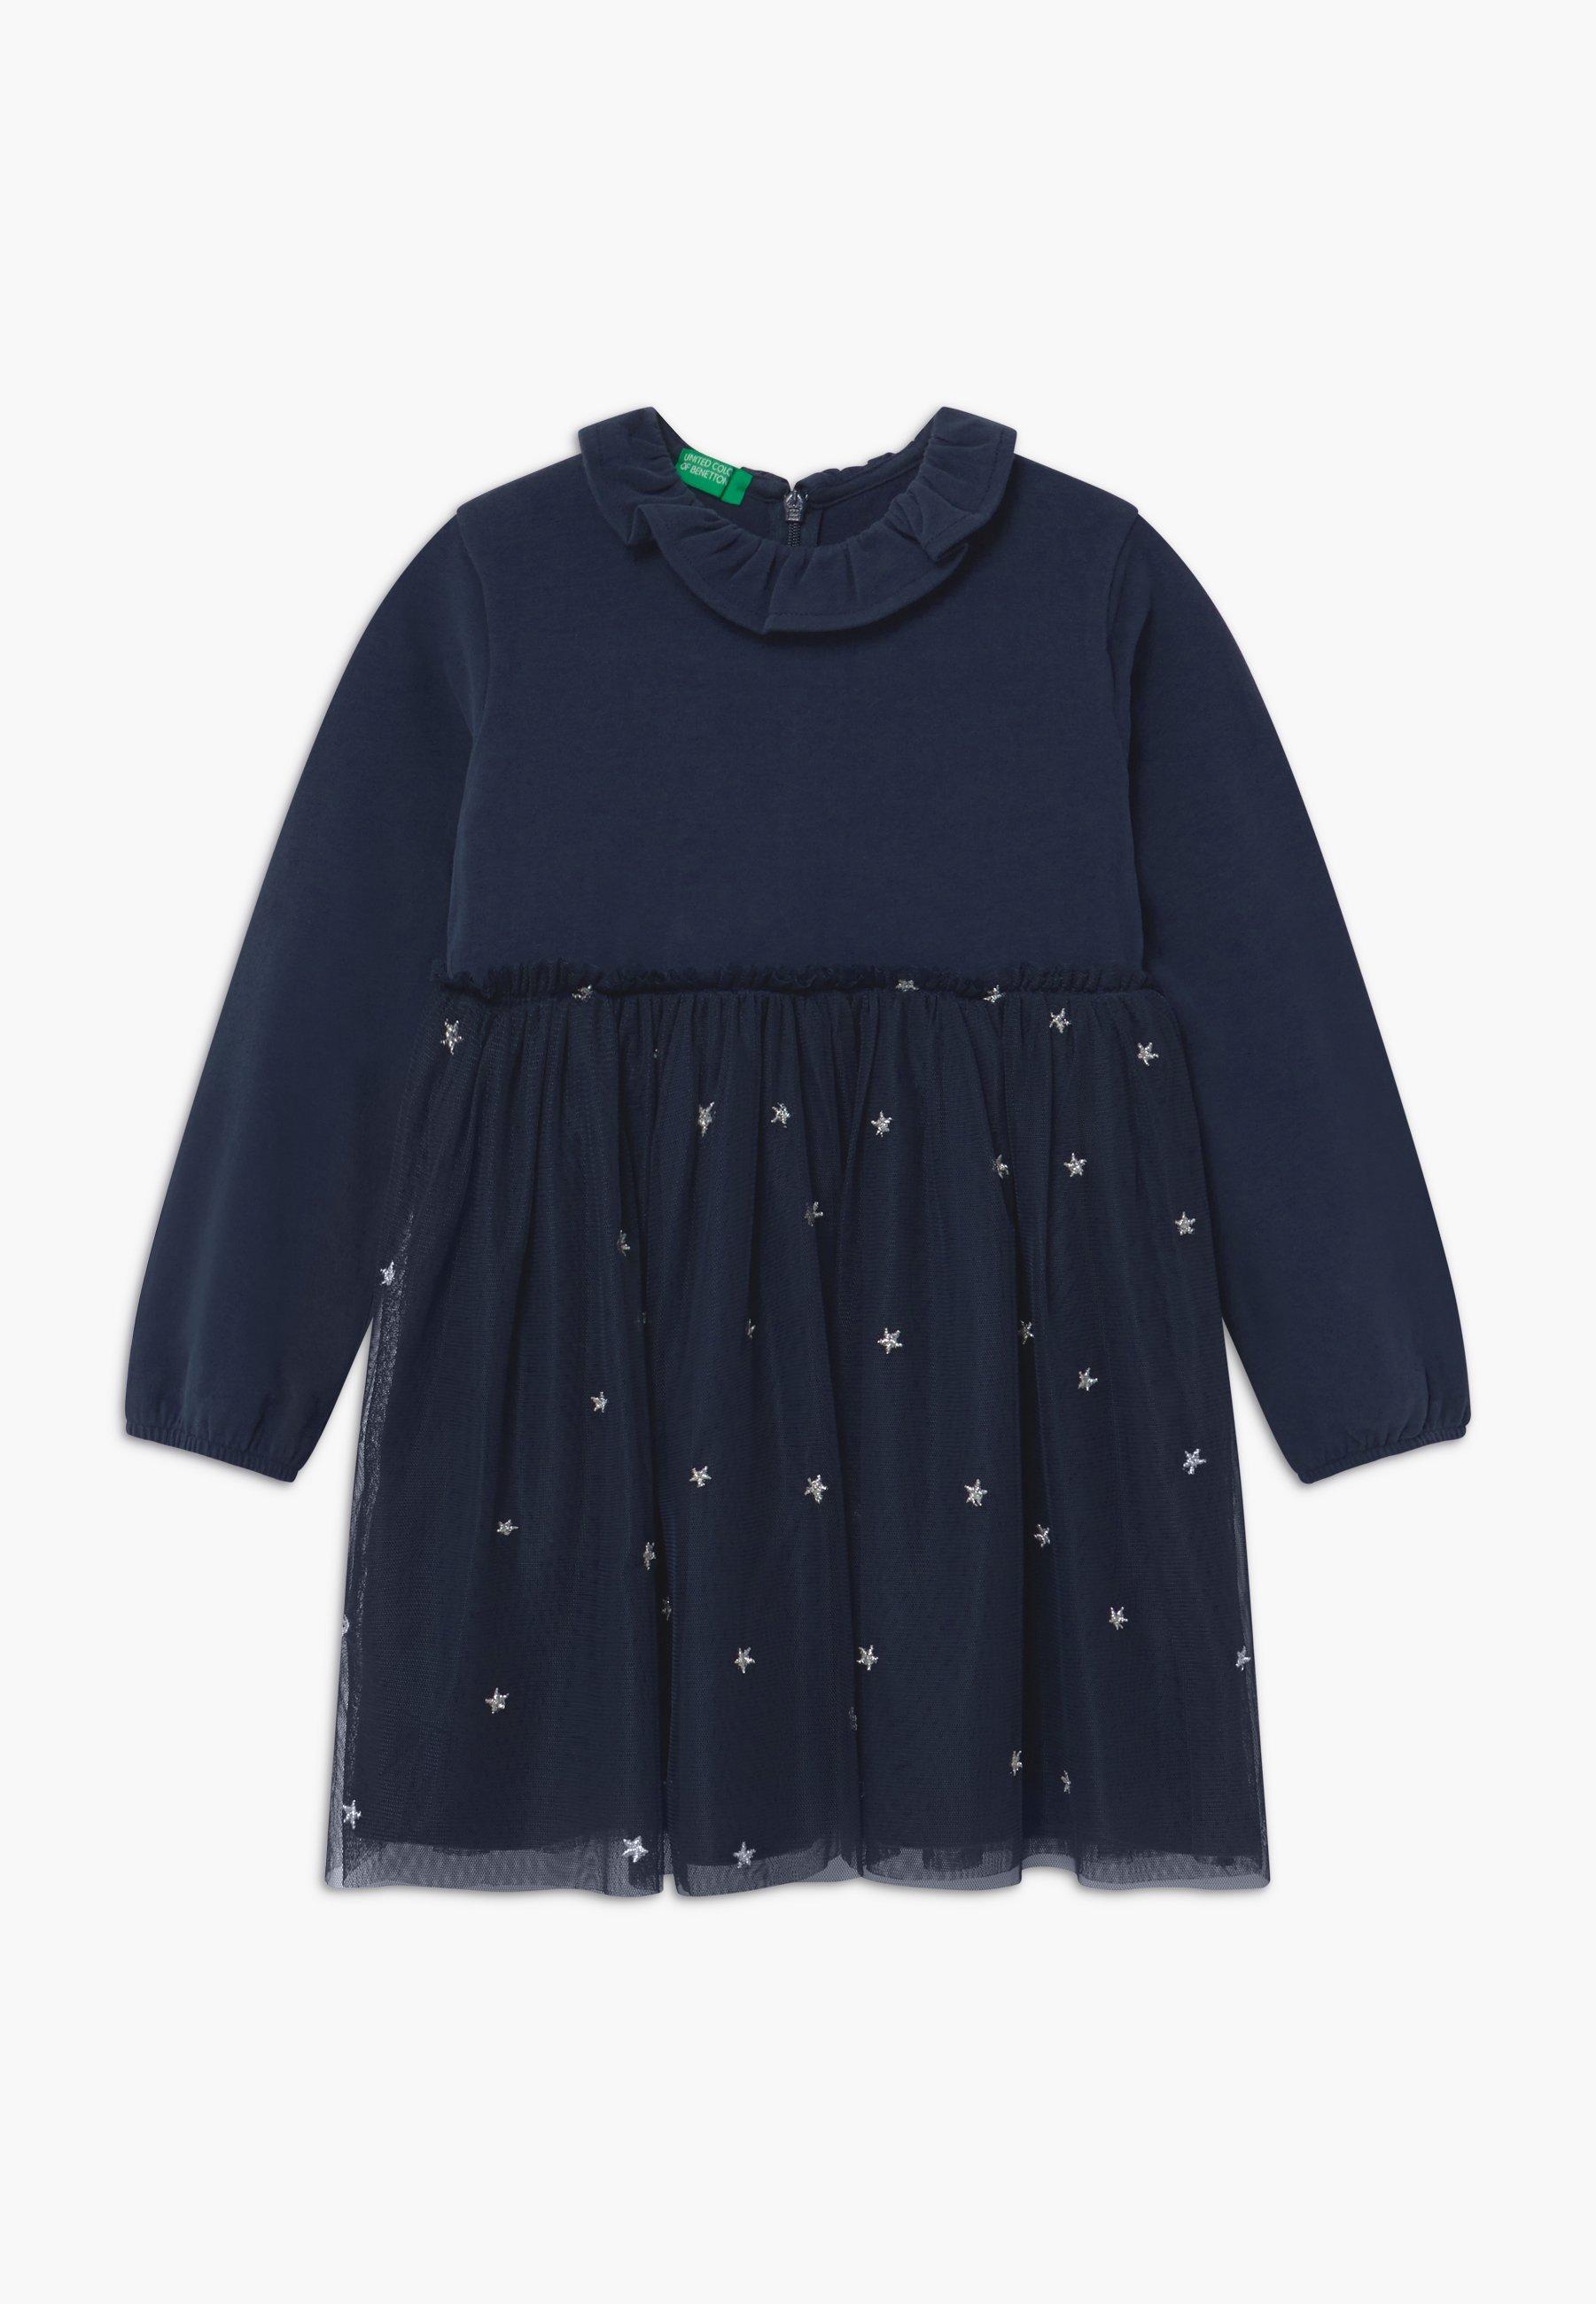 Klänningar | Barn Storlek 50 | Snygga barnklänningar online